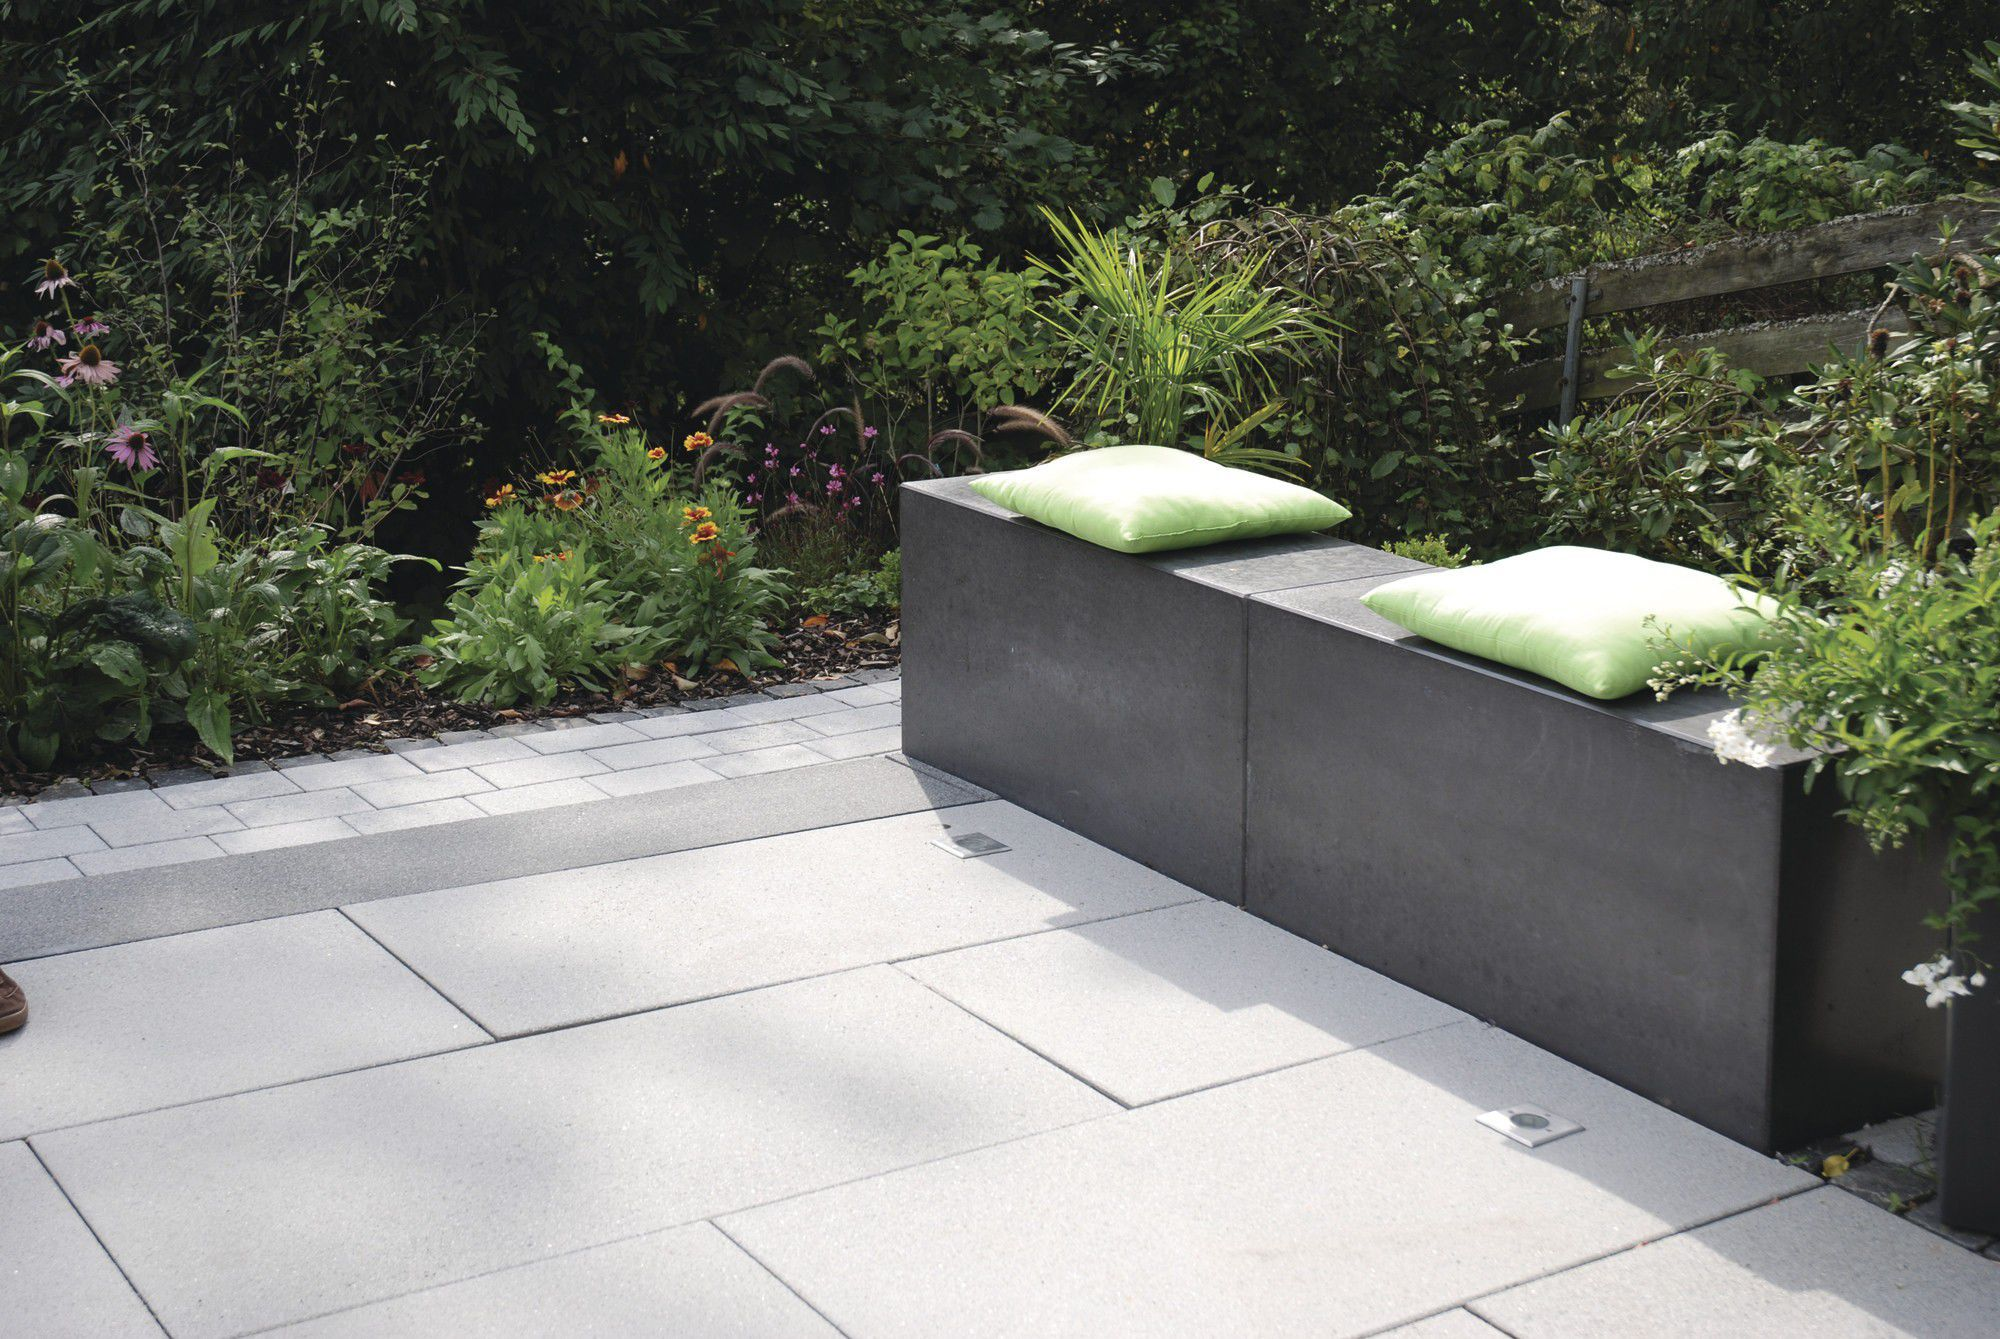 Banc de jardin contemporain en bois en inox RINNIT